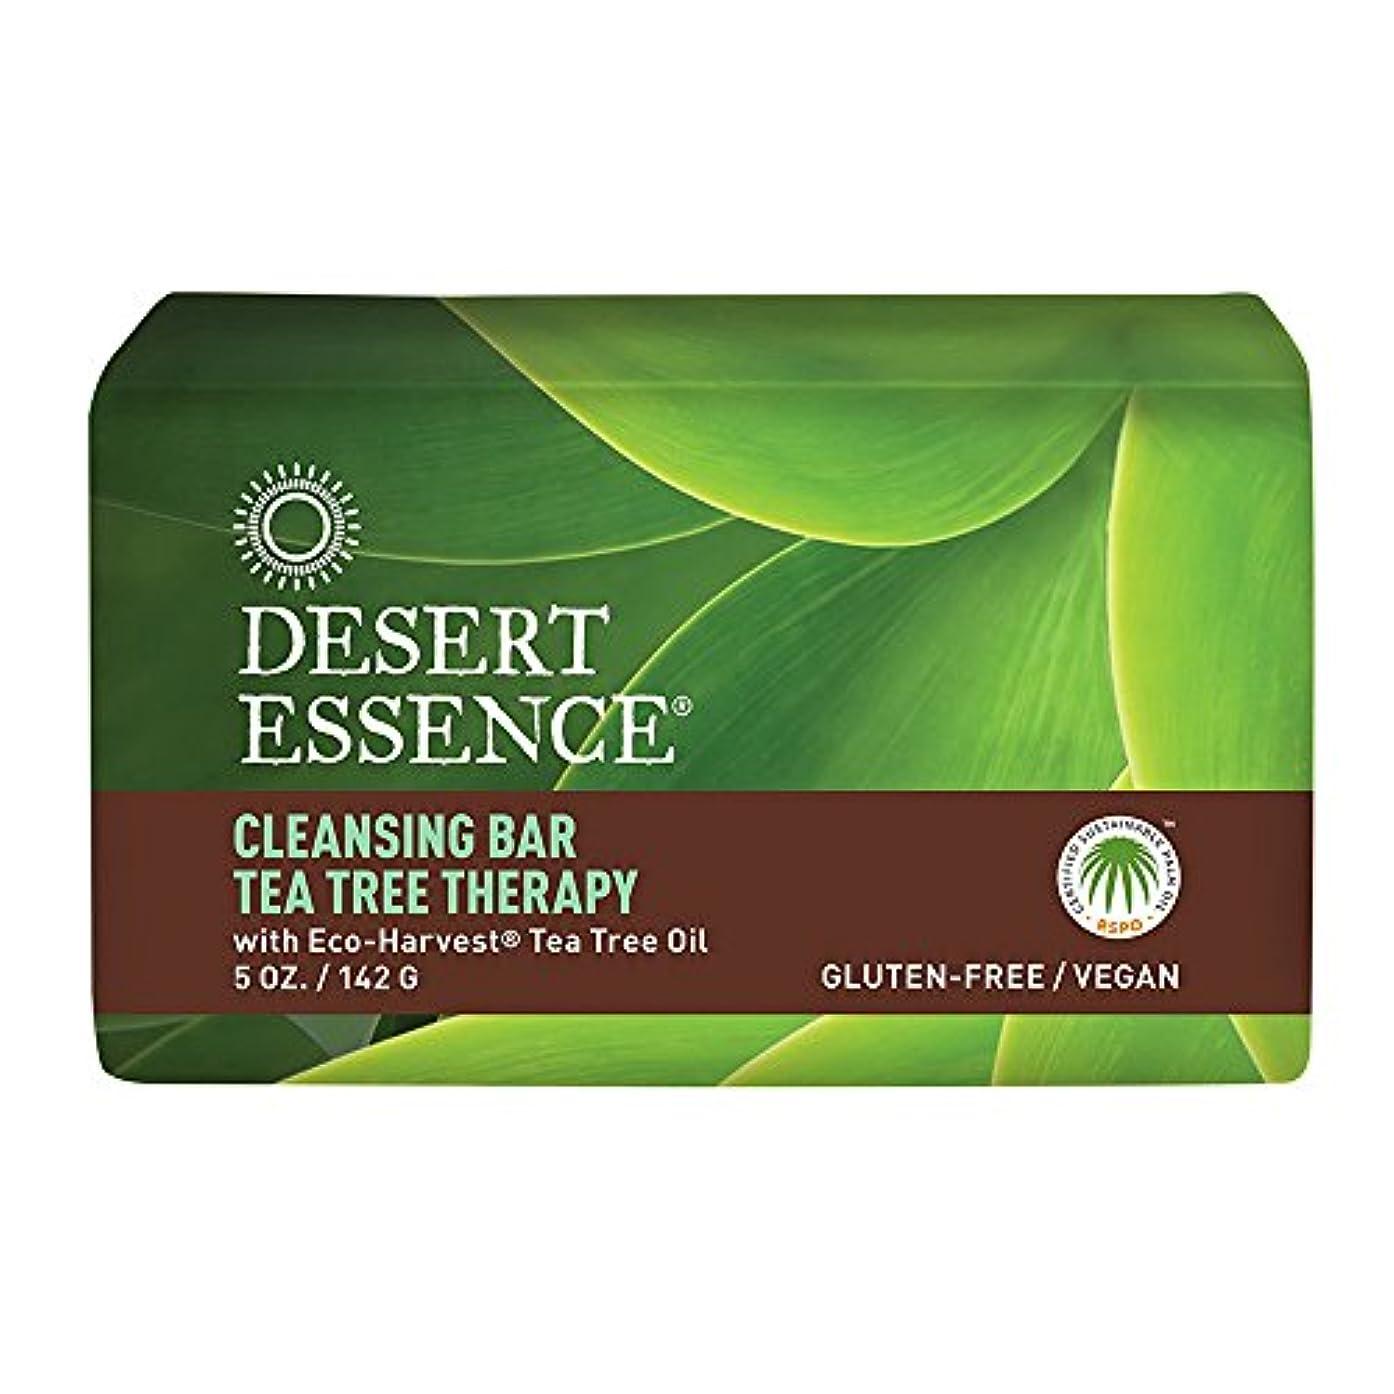 ペット取り替えるあいまいな海外直送品Desert Essence Tea Tree Therapy Cleansing Bar Soap, 5 oz